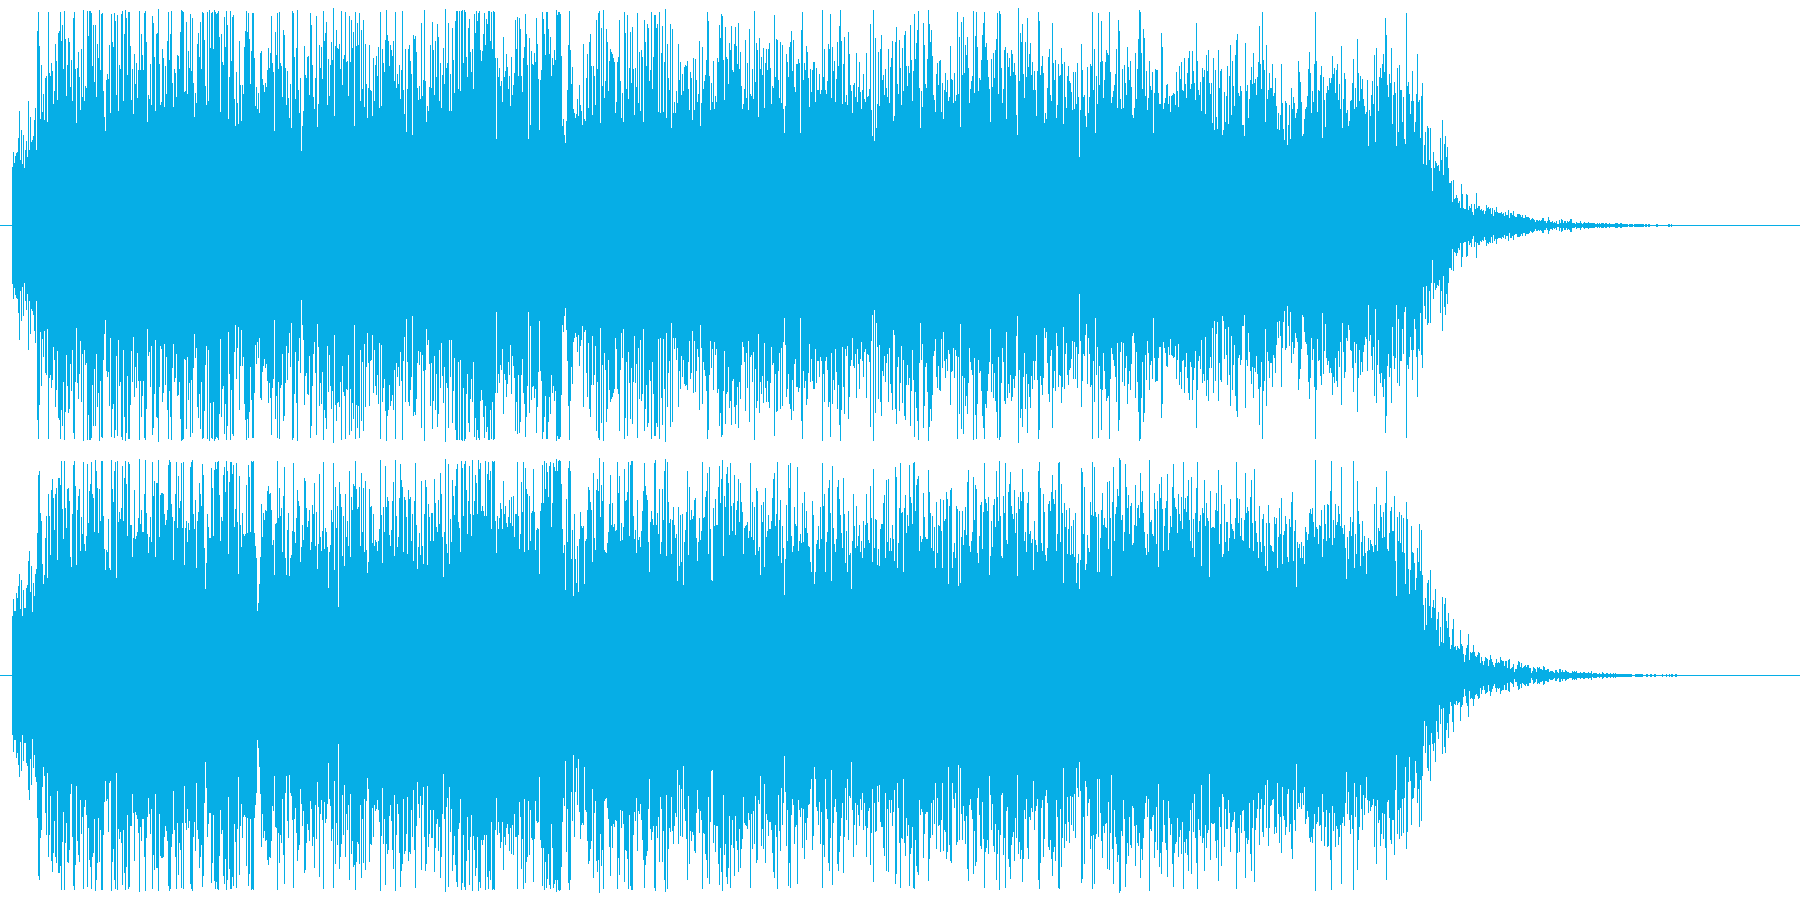 メタルギターフレーズ クールな場面転換の再生済みの波形